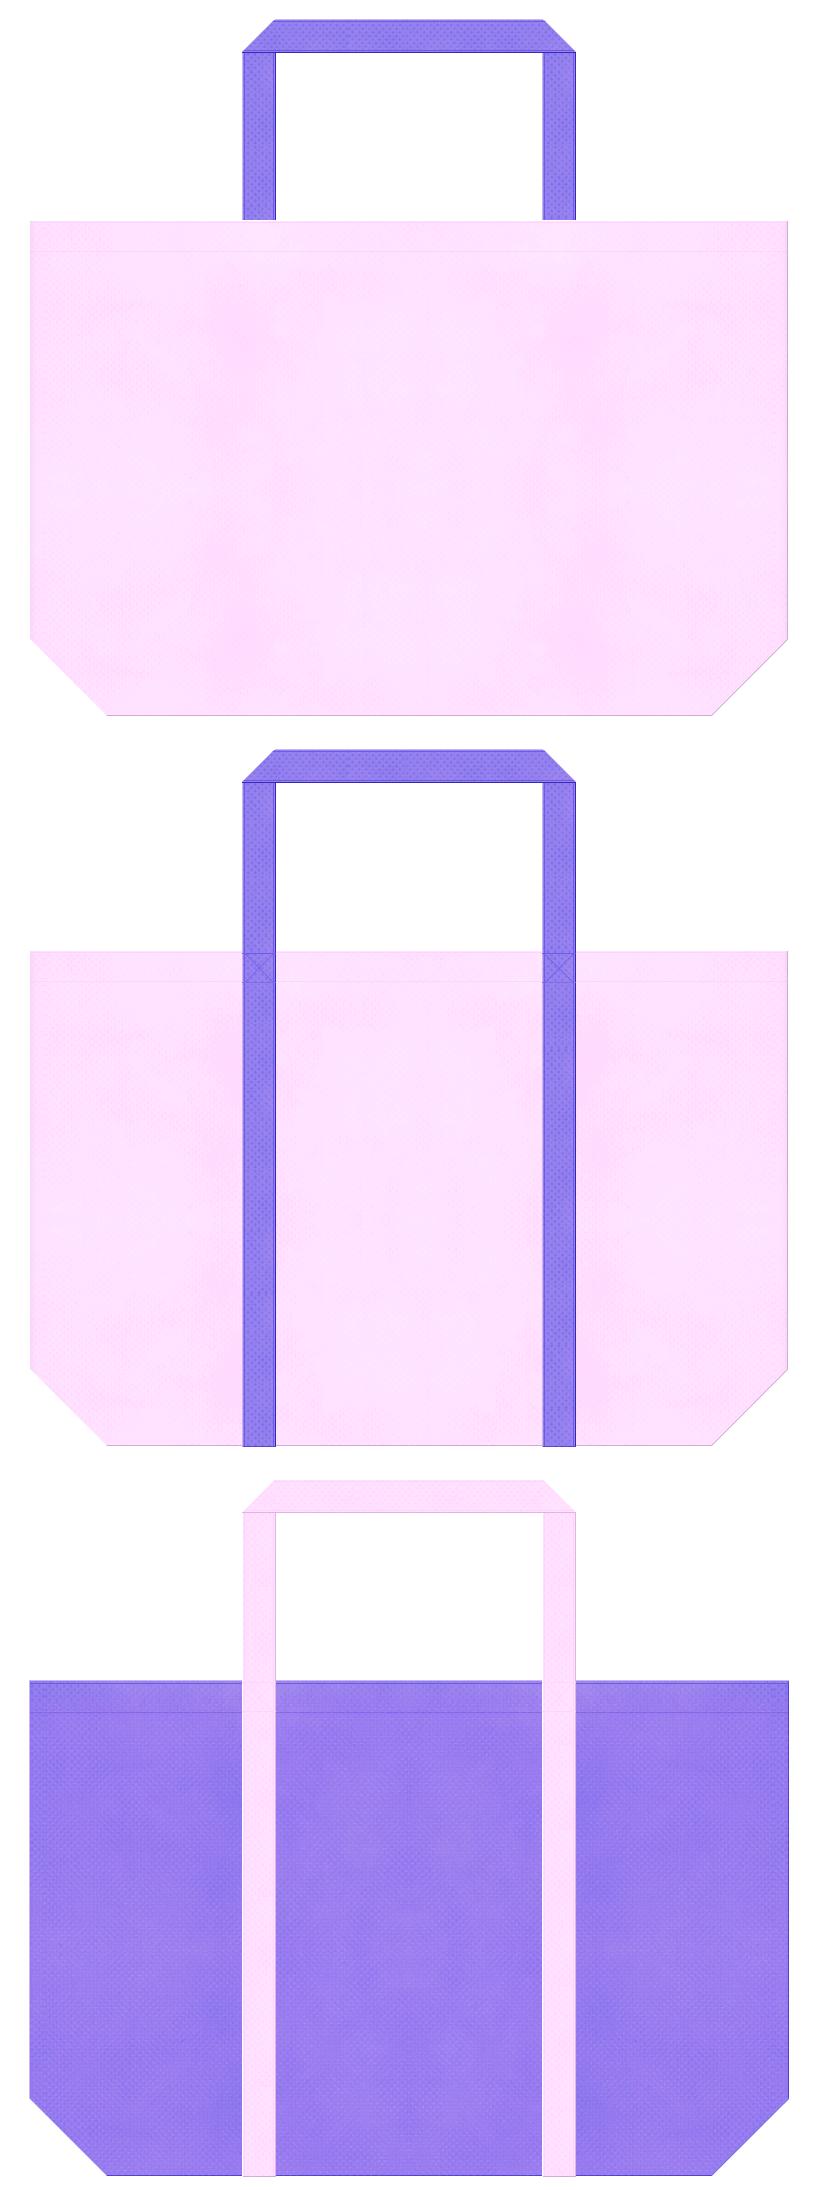 明るいピンク色と薄紫色の不織布バッグデザイン。ガーリーファッションのショッピングバッグ・介護用品の包装にお奨めです。